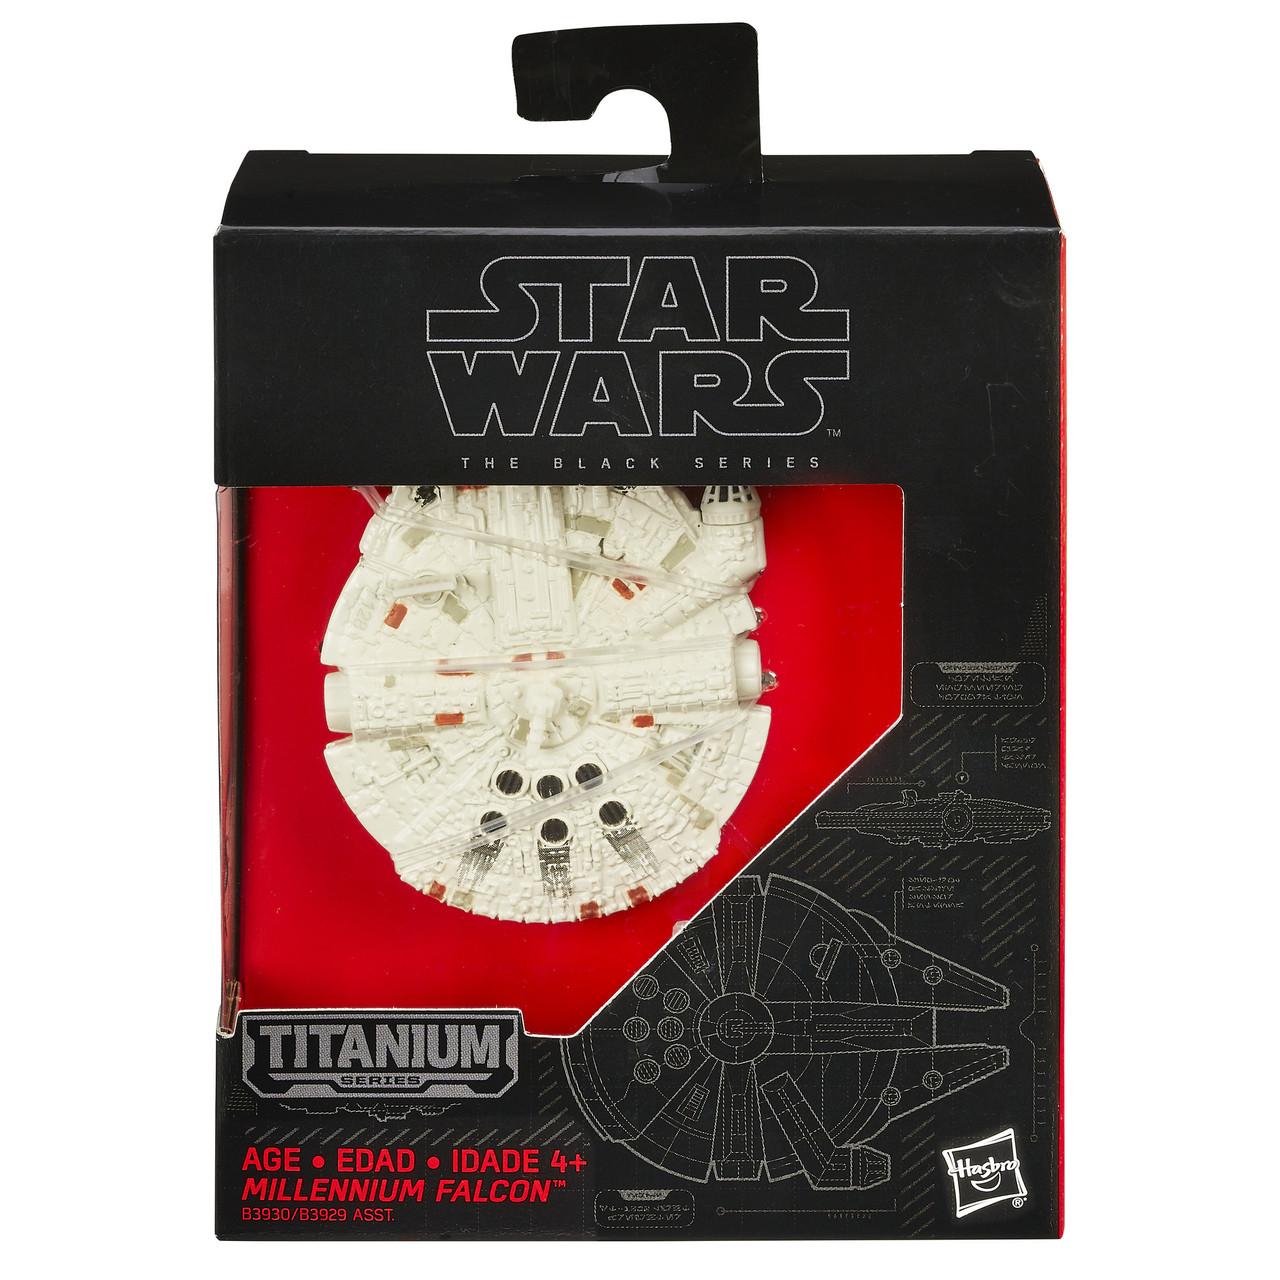 Коллекционная модель Titanium Звездные войны Тысячелетний сокол 7,5 см. Оригинал Hasbro B3930/B3929